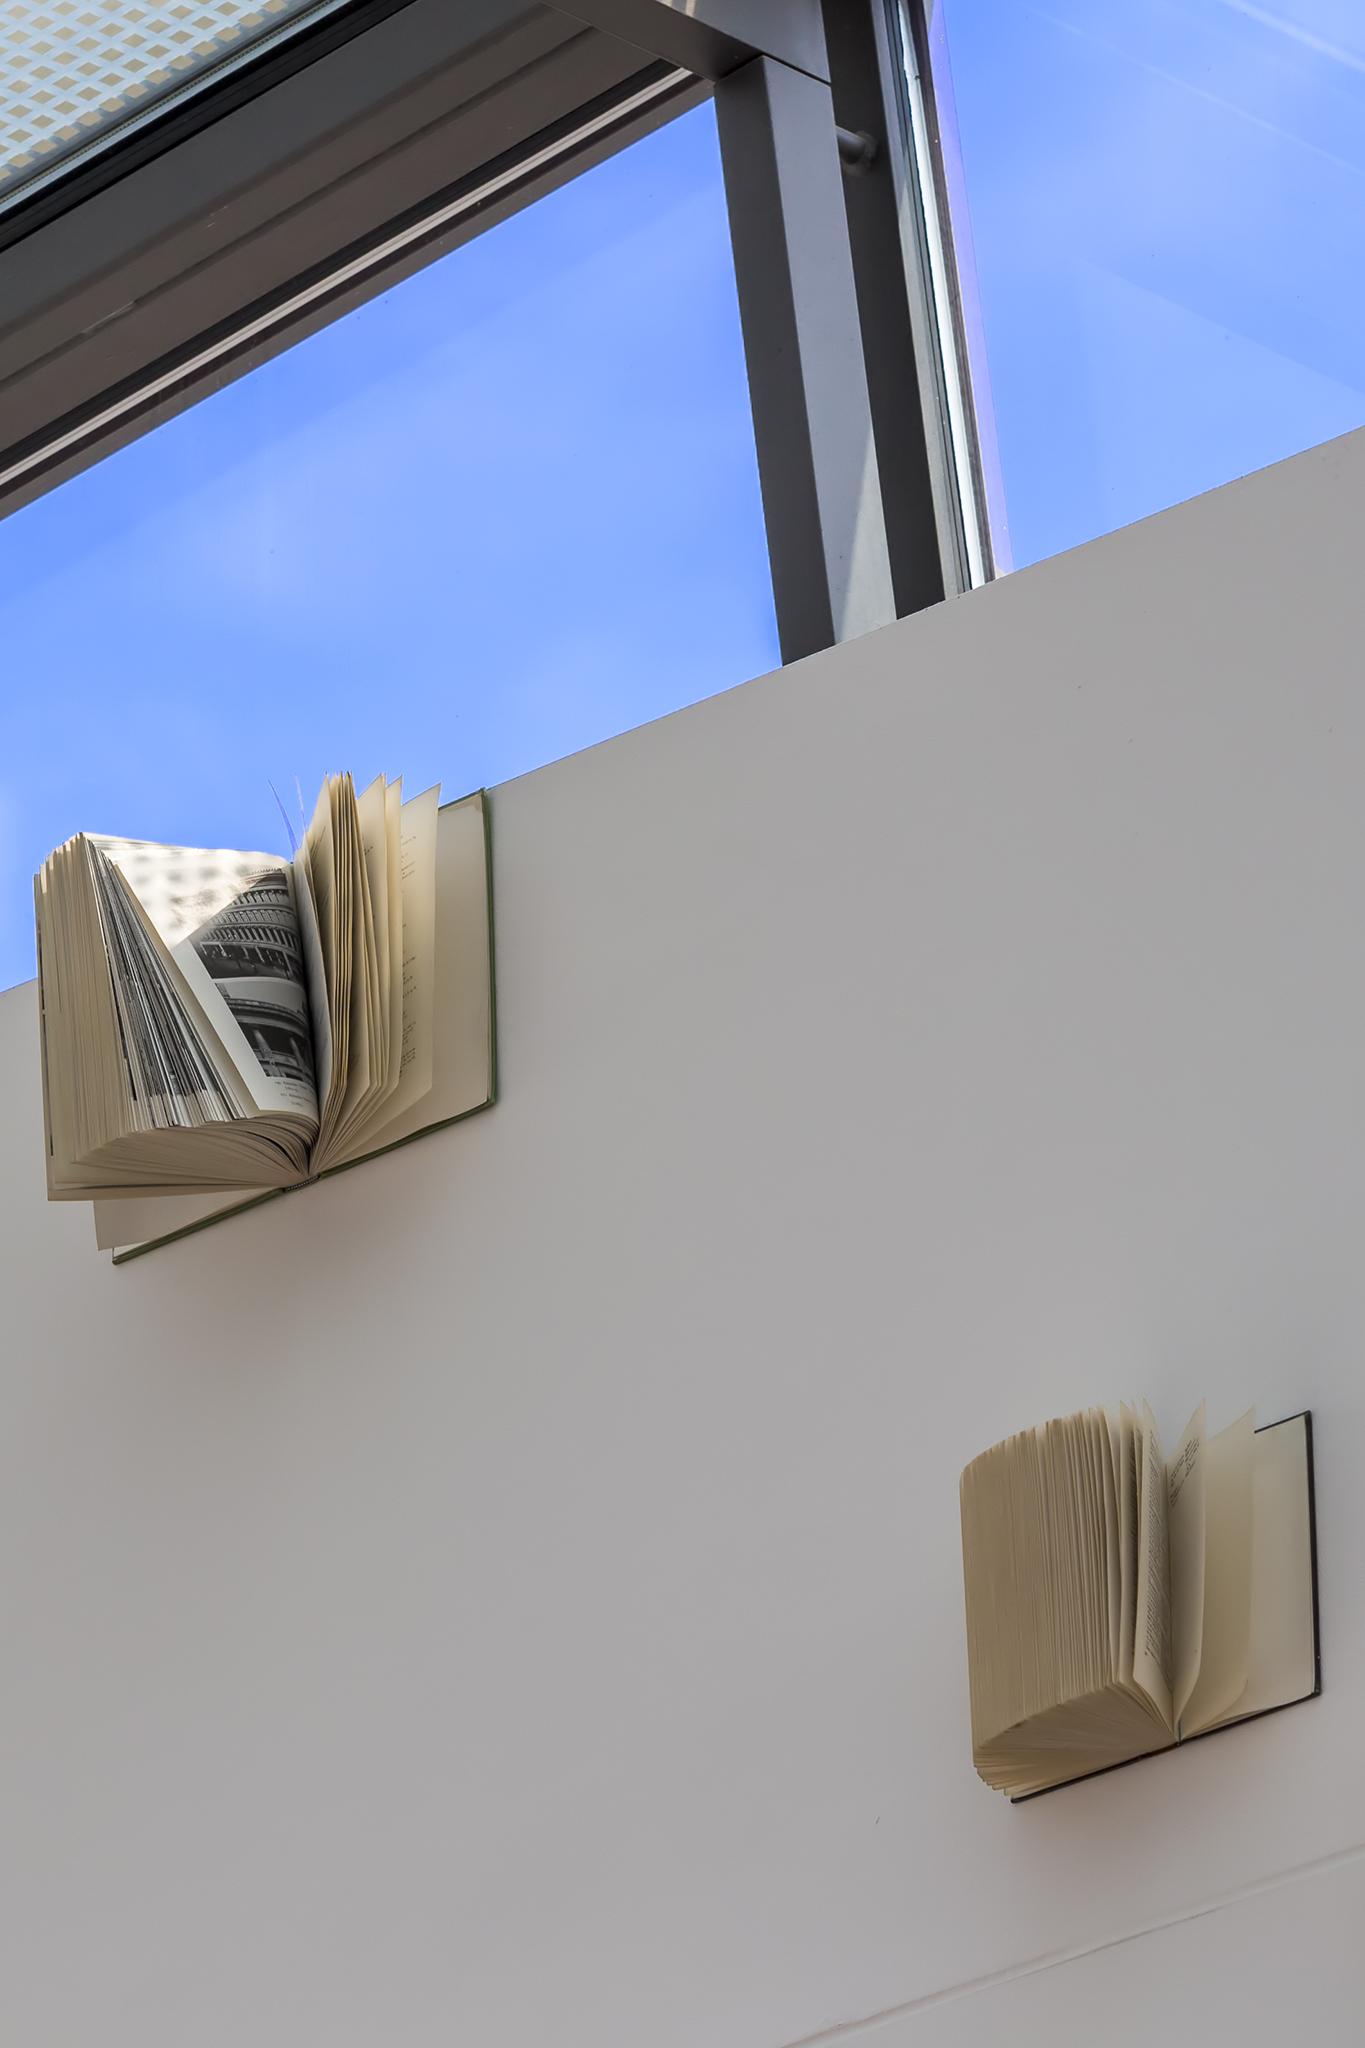 Fliehende Bücher